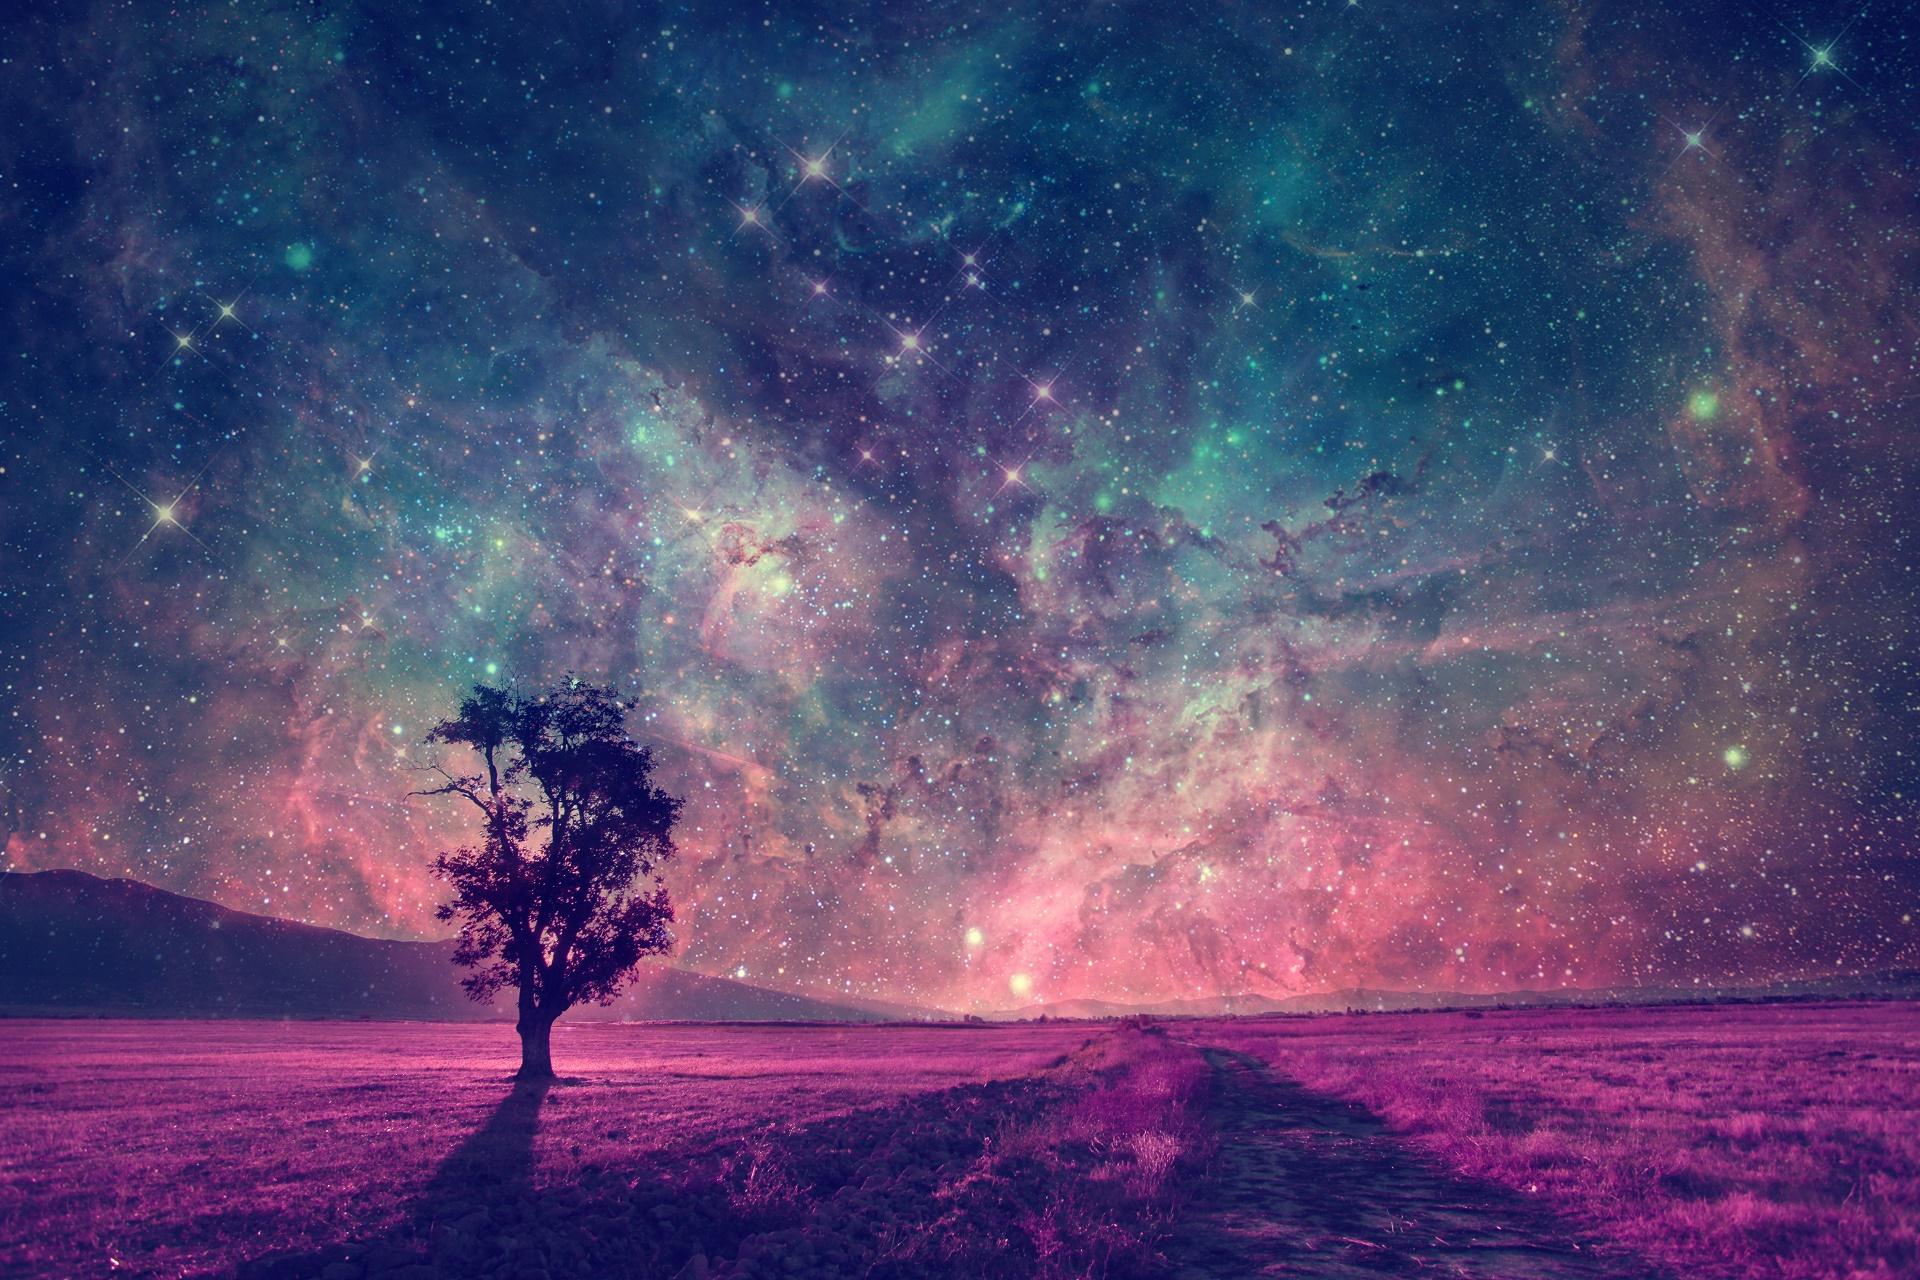 Karışık Renkli Bir Gece Manzarası